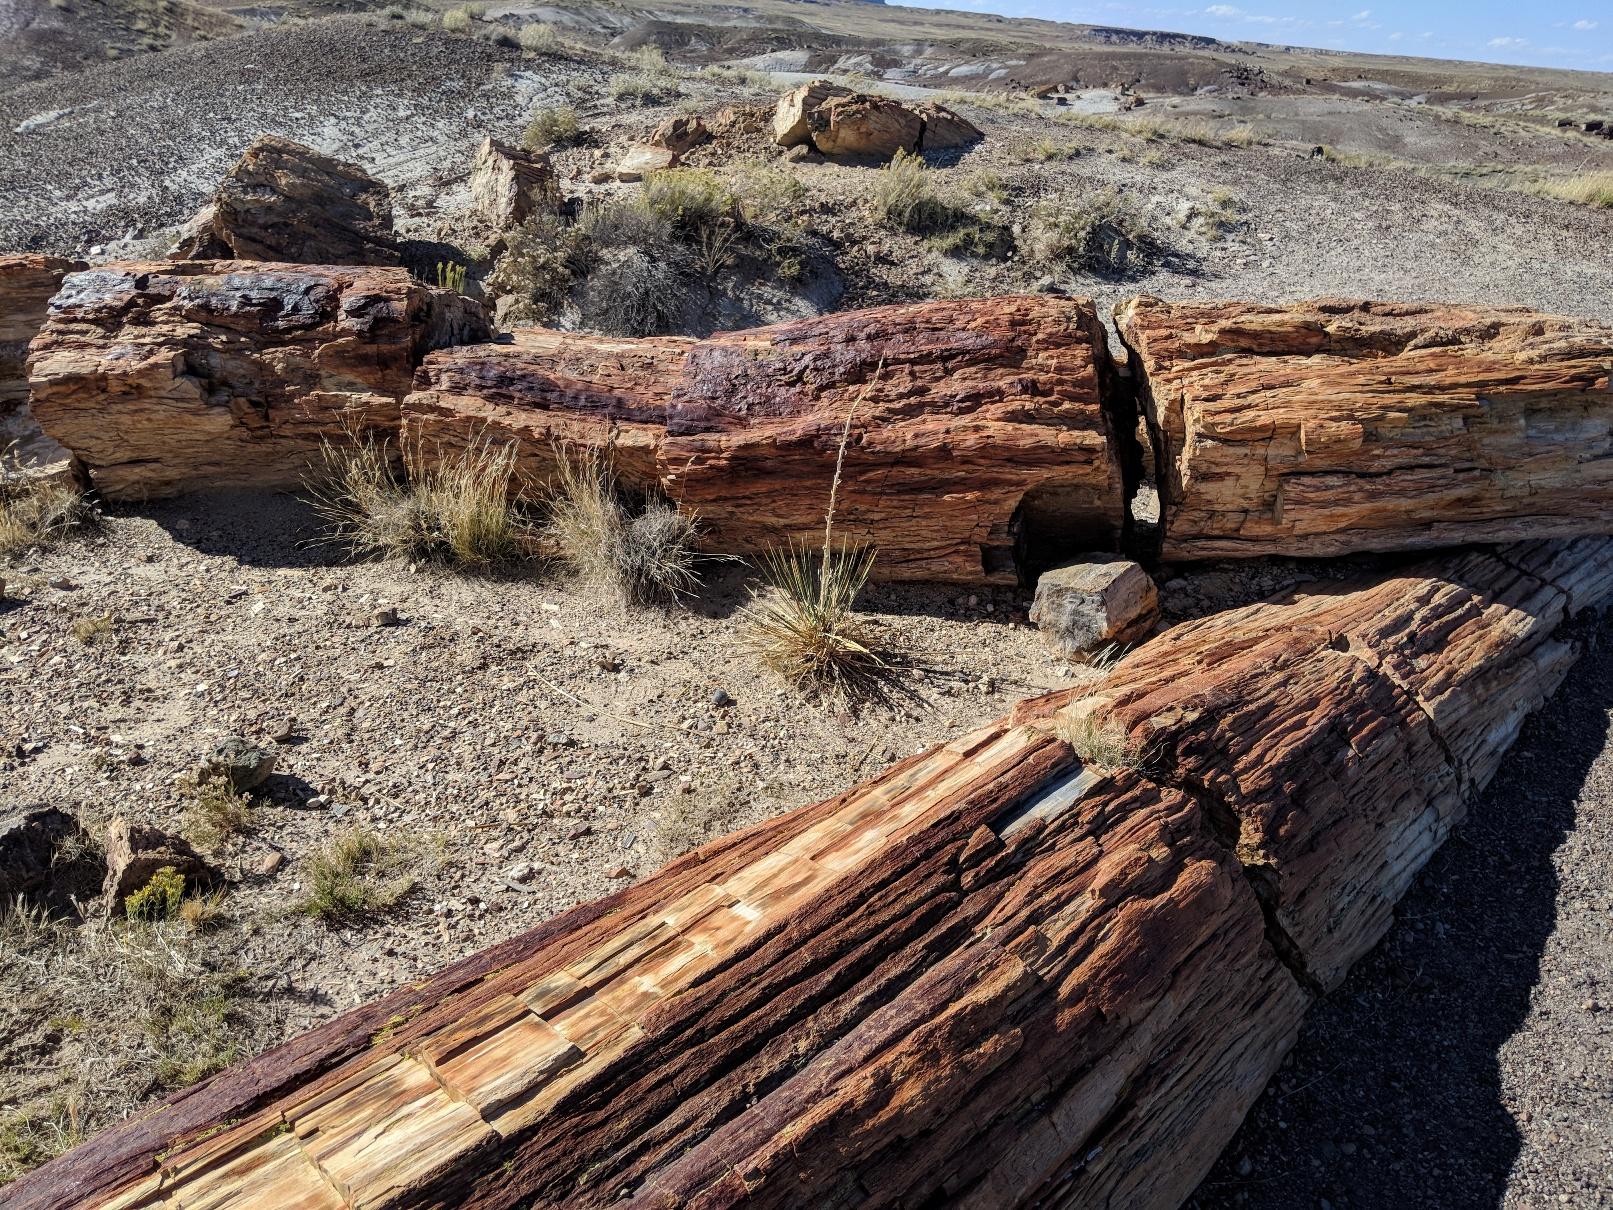 Pet Forest logs